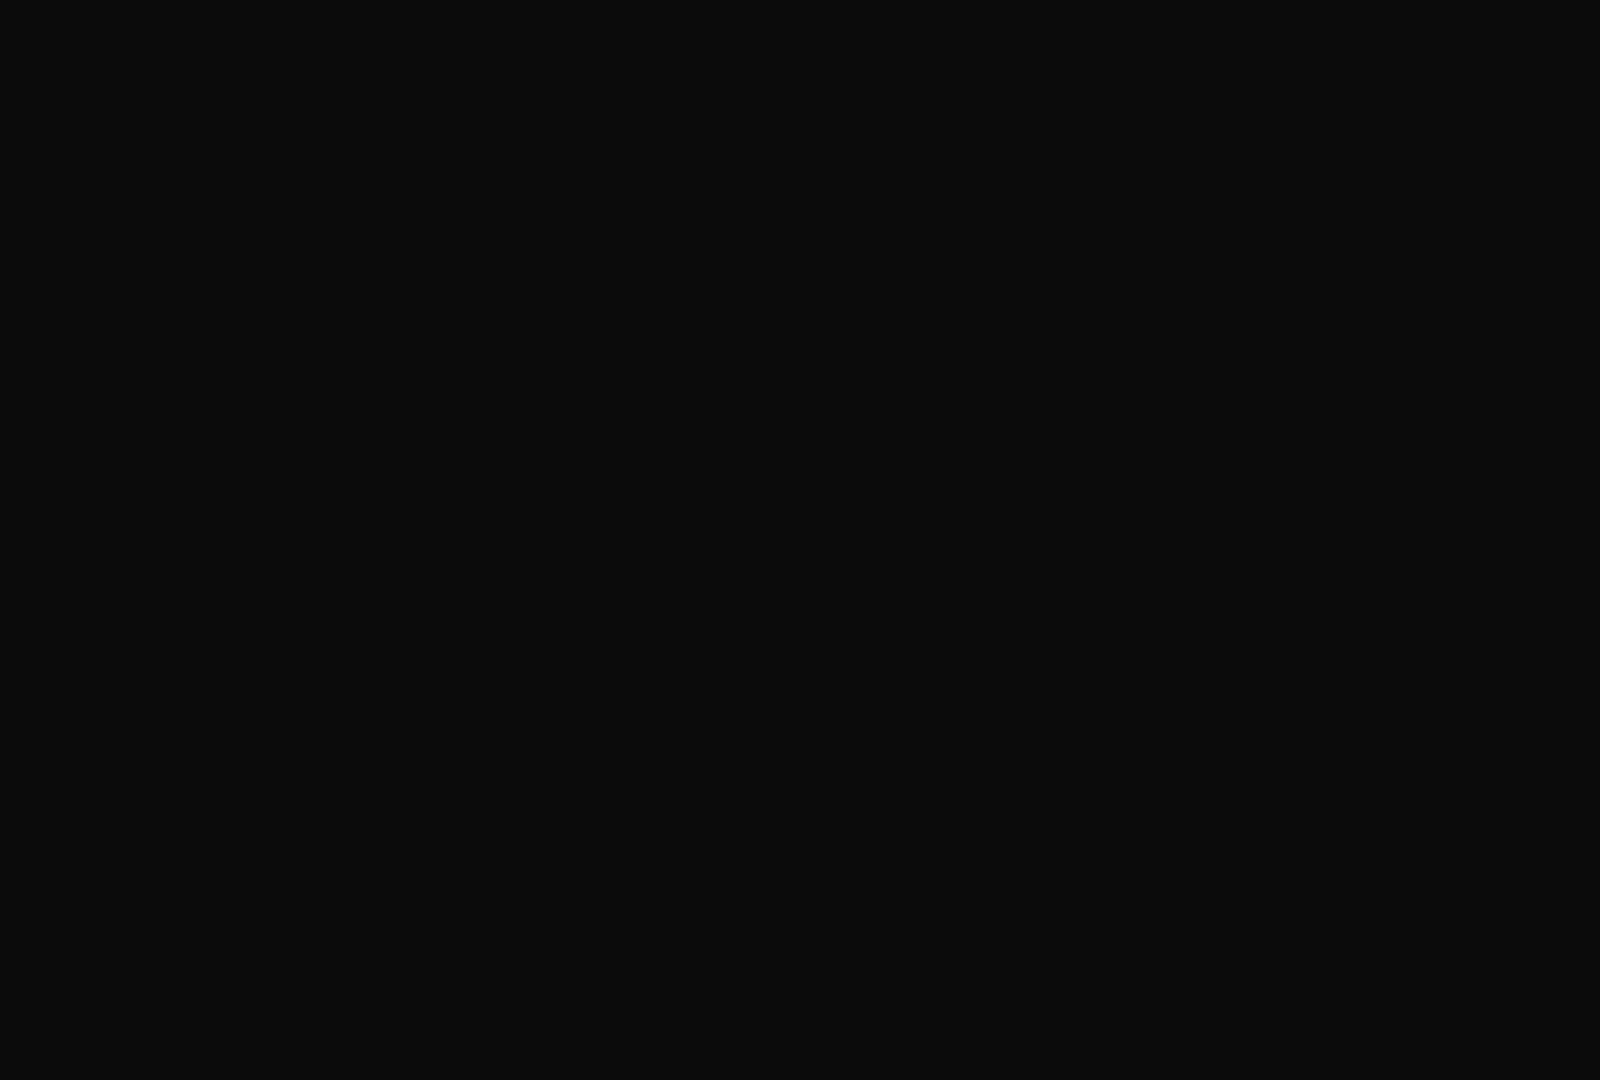 充血監督の深夜の運動会Vol.85 セックス  103pic 75